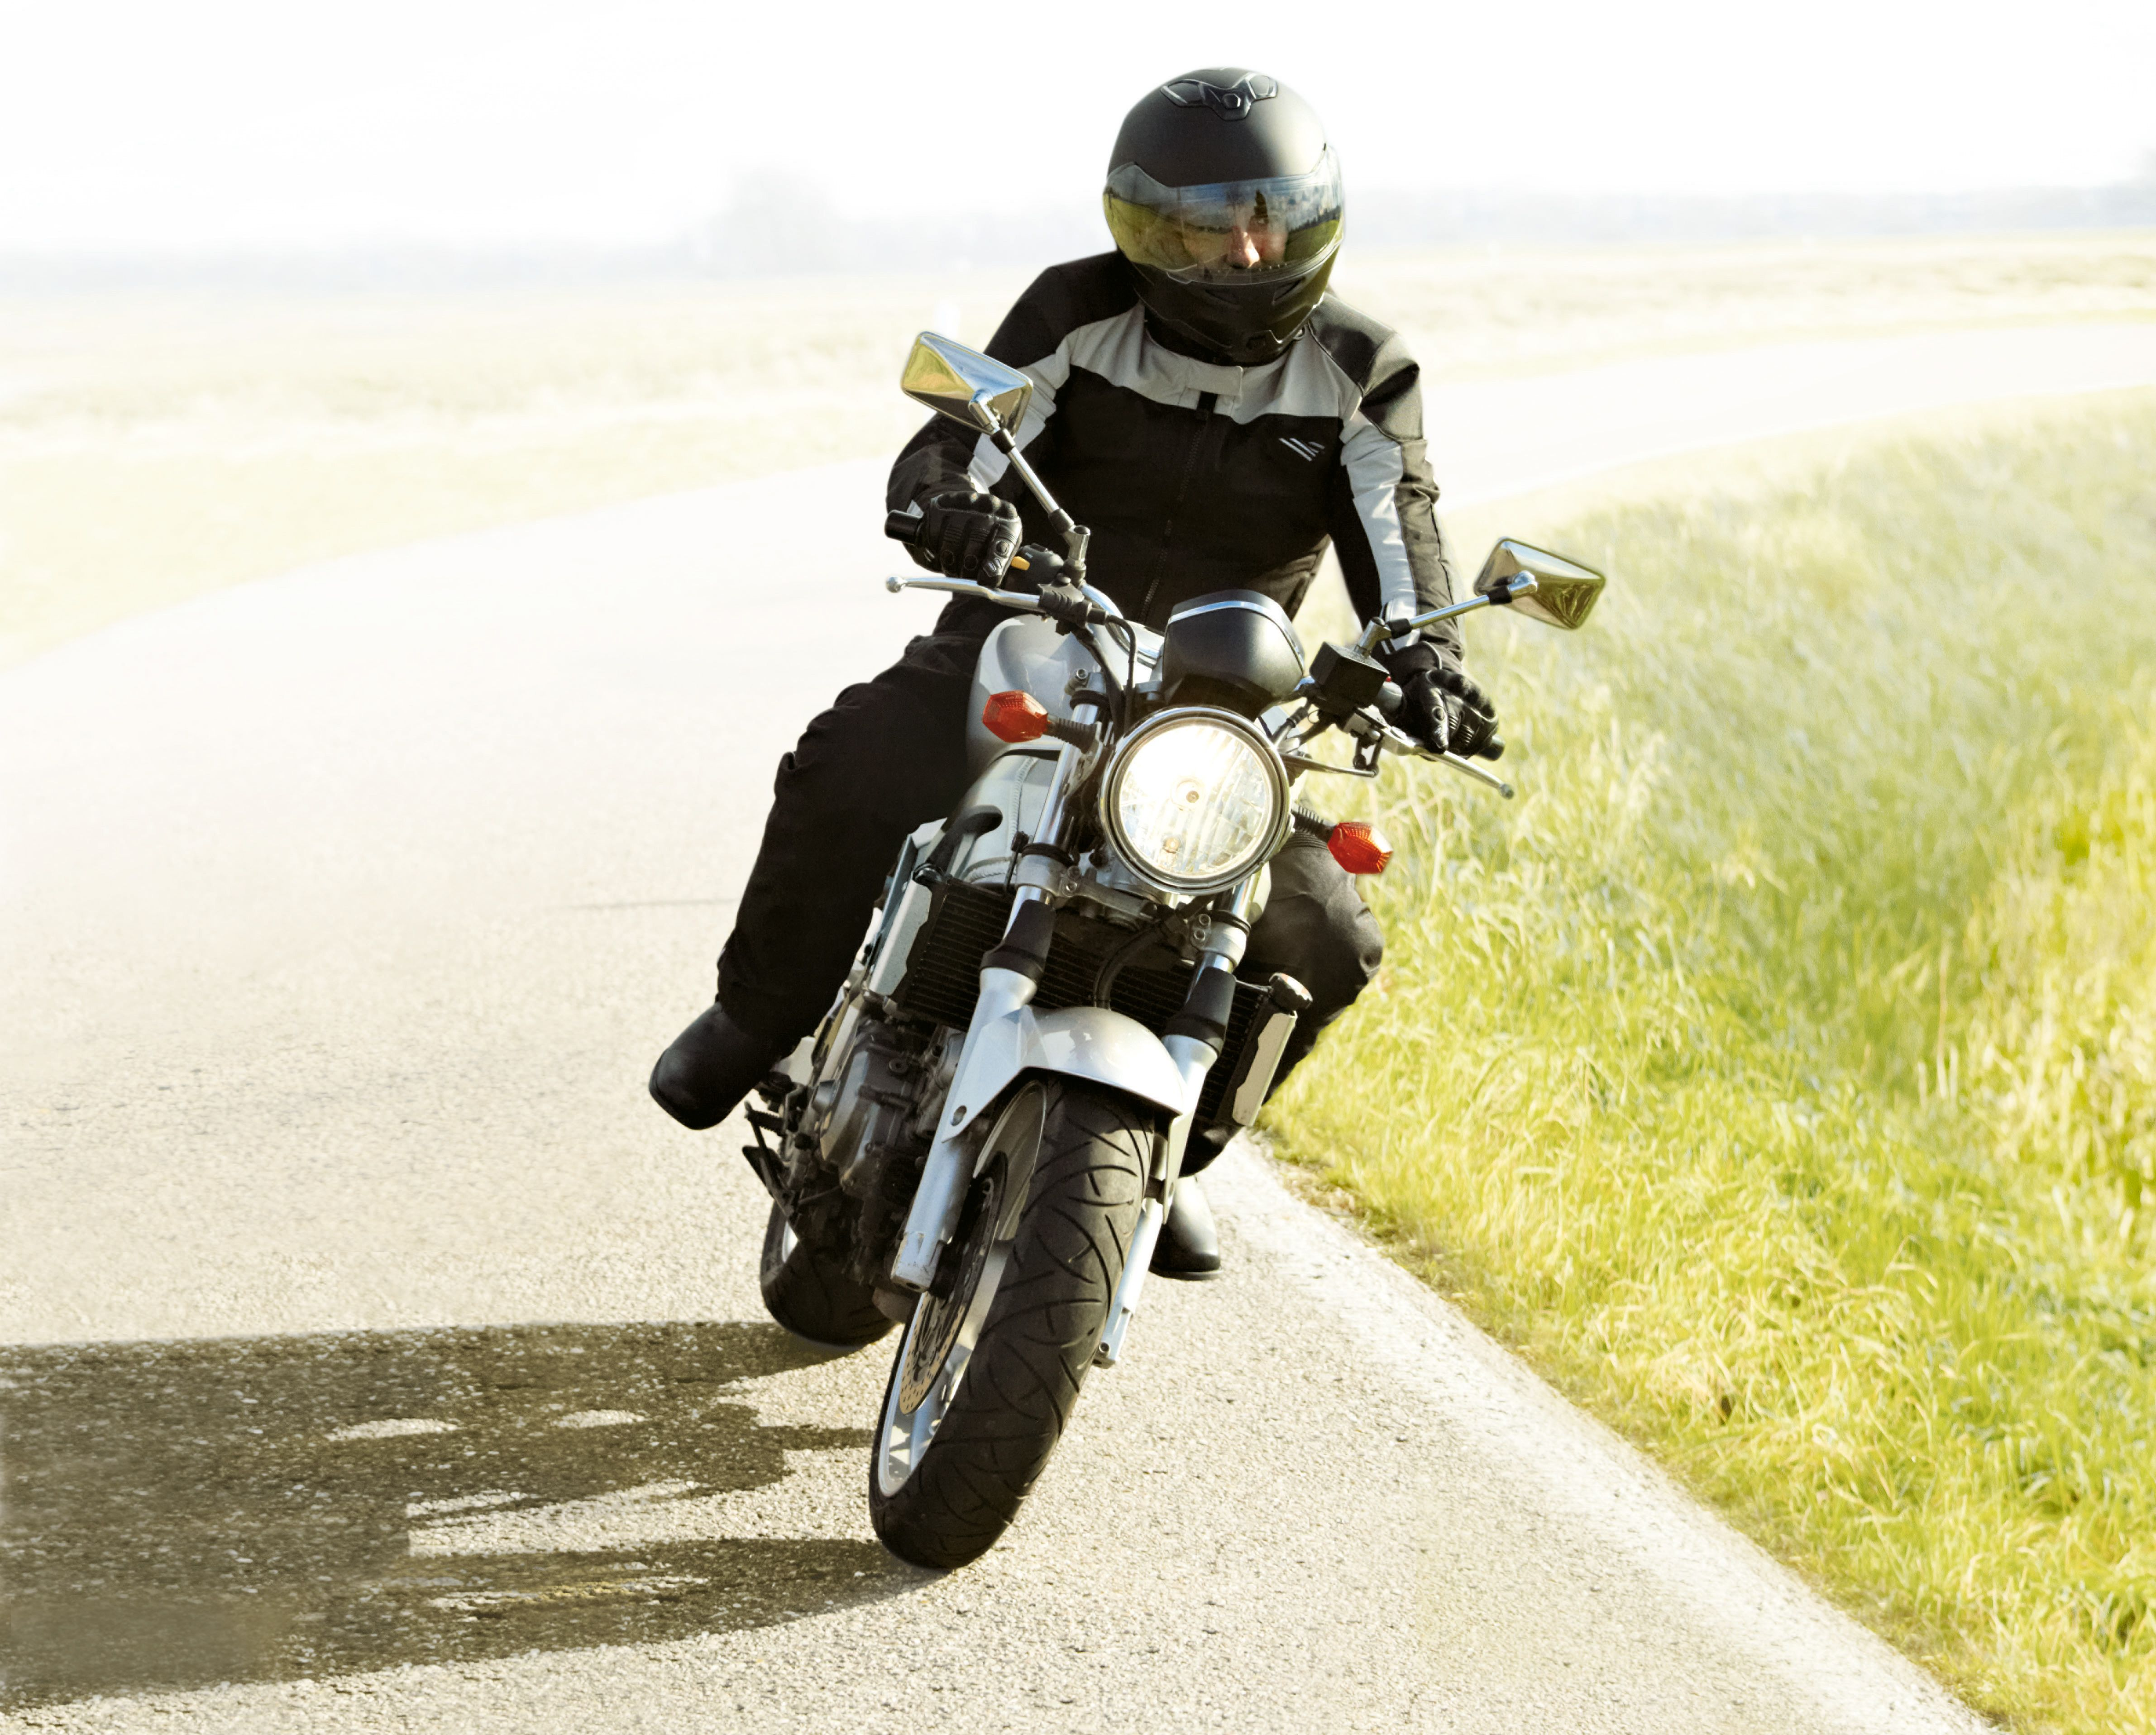 Profesjonalna Odziez Motocyklowa By Lidl Lidl Sports Motorcycle